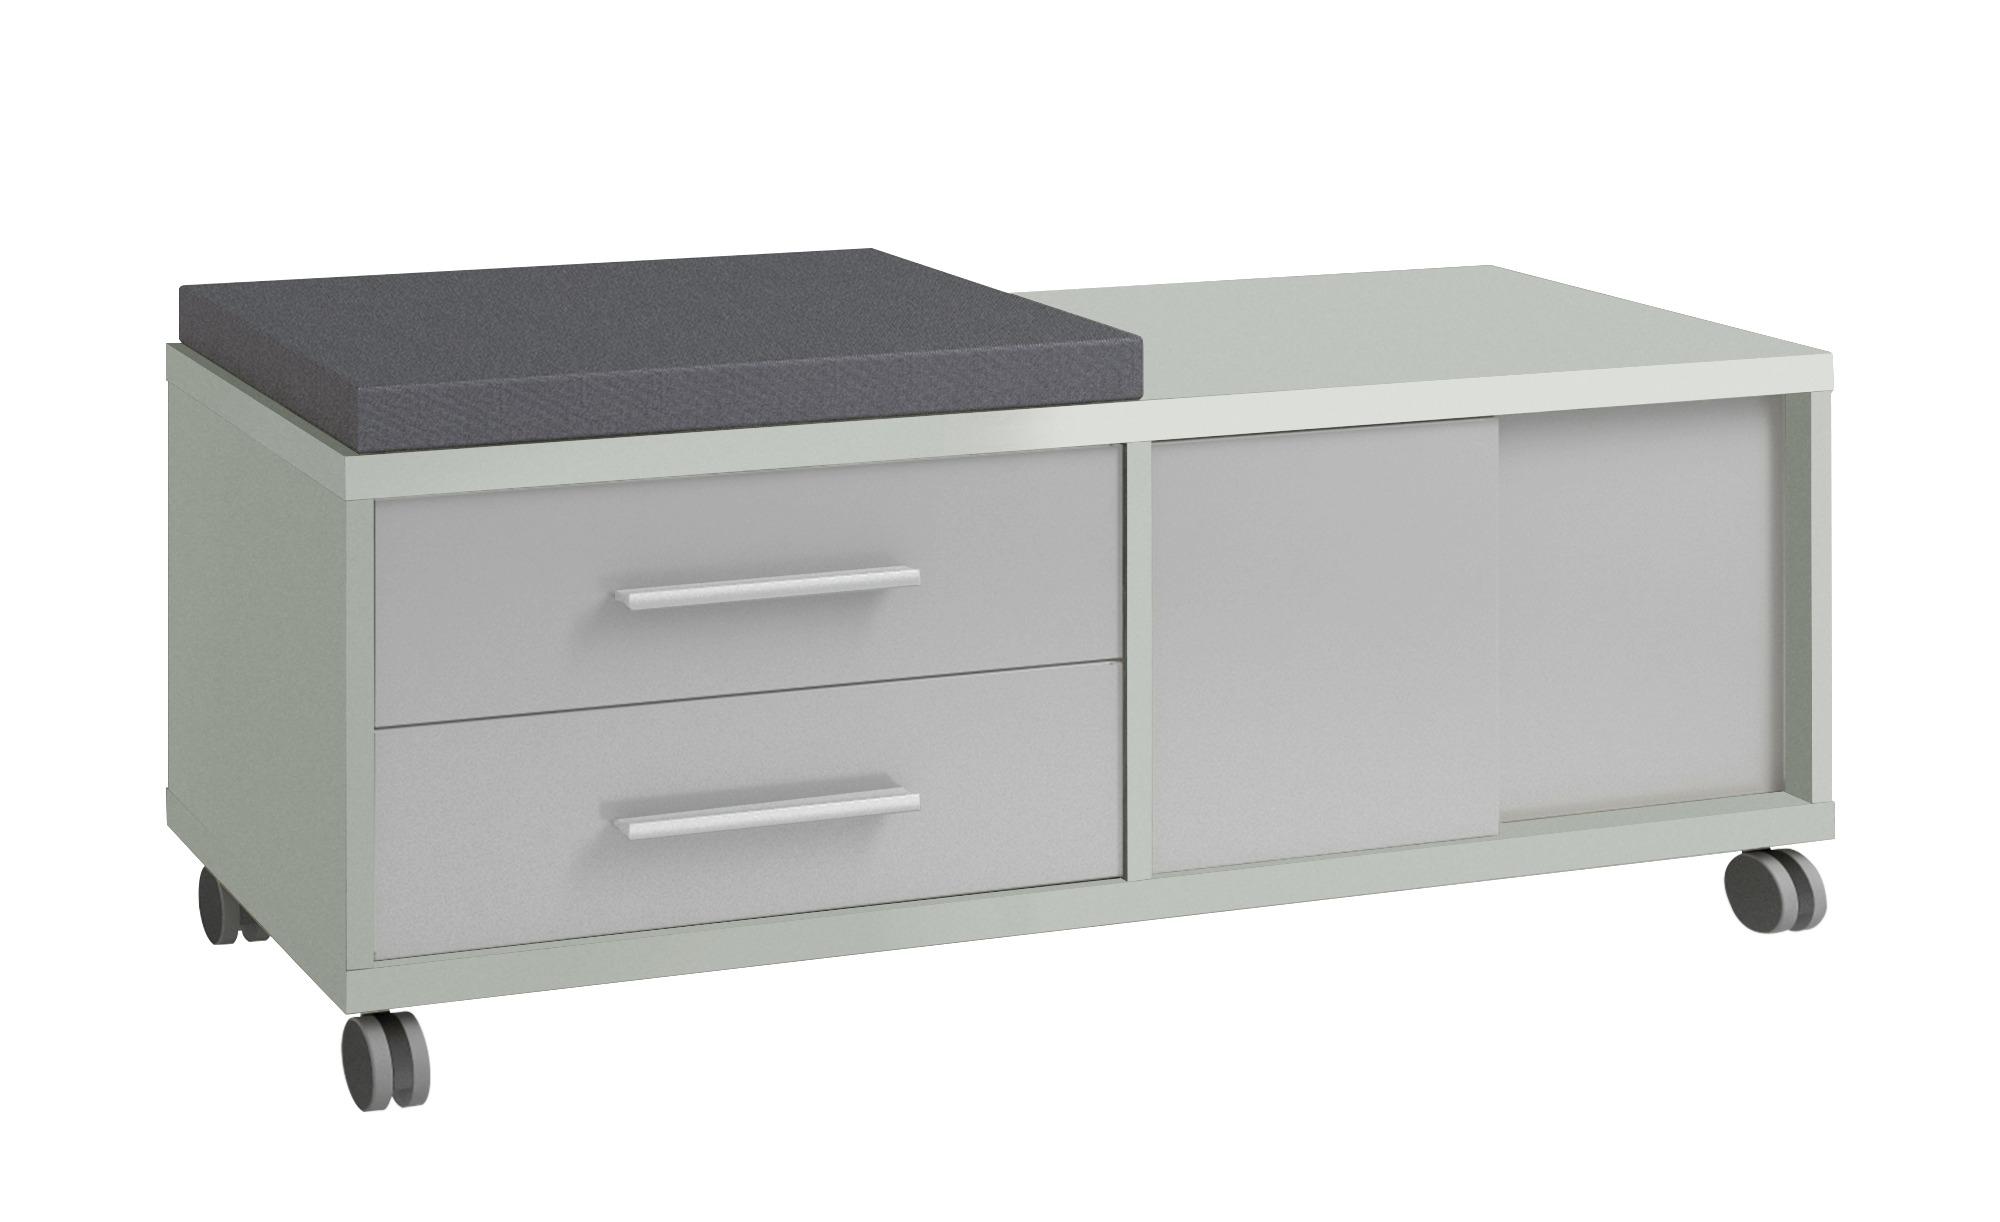 Rollcontainer mit Sitzkissen - grau - 133 cm - 54,5 cm - 40 cm - Schränke > Rollcontainer - Möbel Kraft | Büro > Büroschränke > Rollcontainer | Möbel Kraft